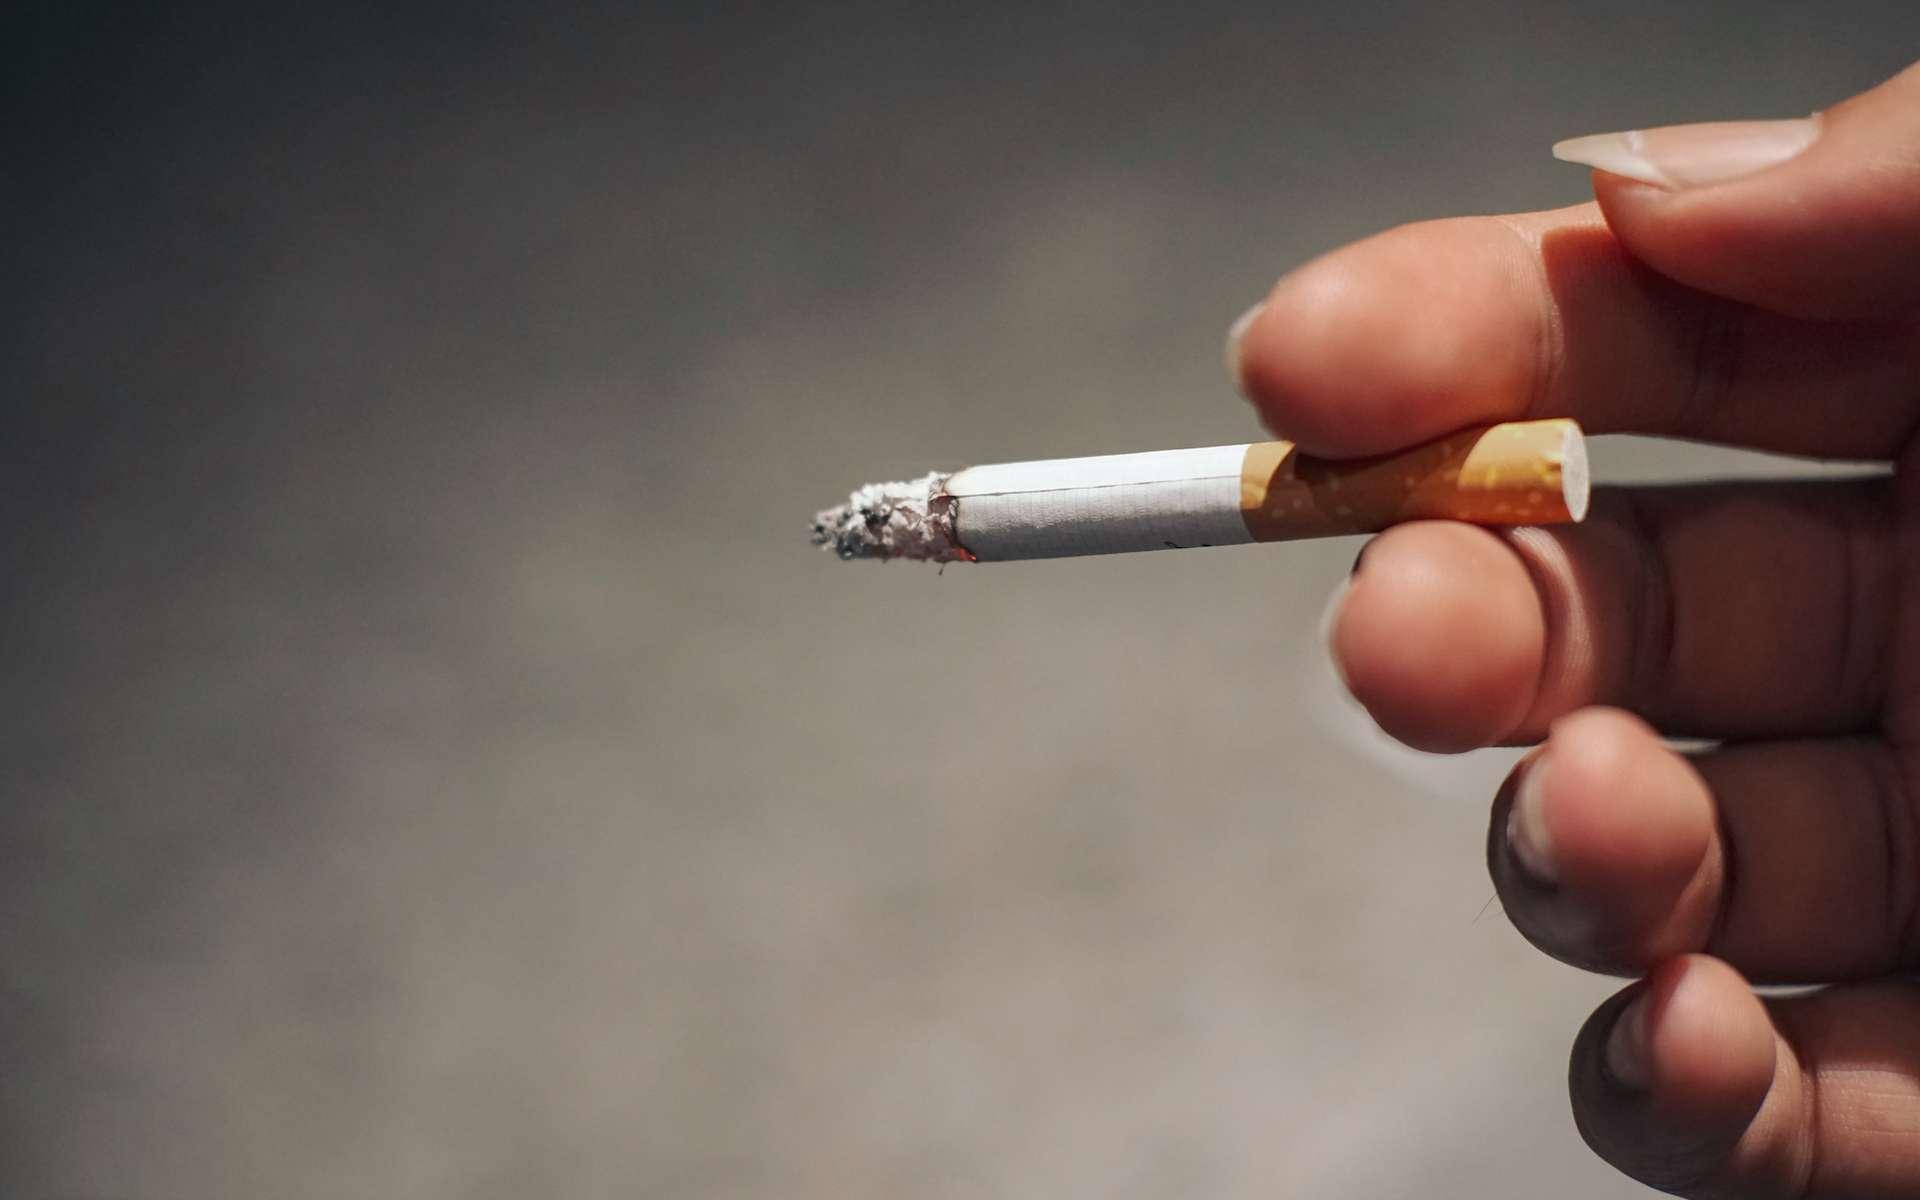 Le tabac entraîne un double effet d'aversion et d'addiction. © Romeo, Adobe Stock